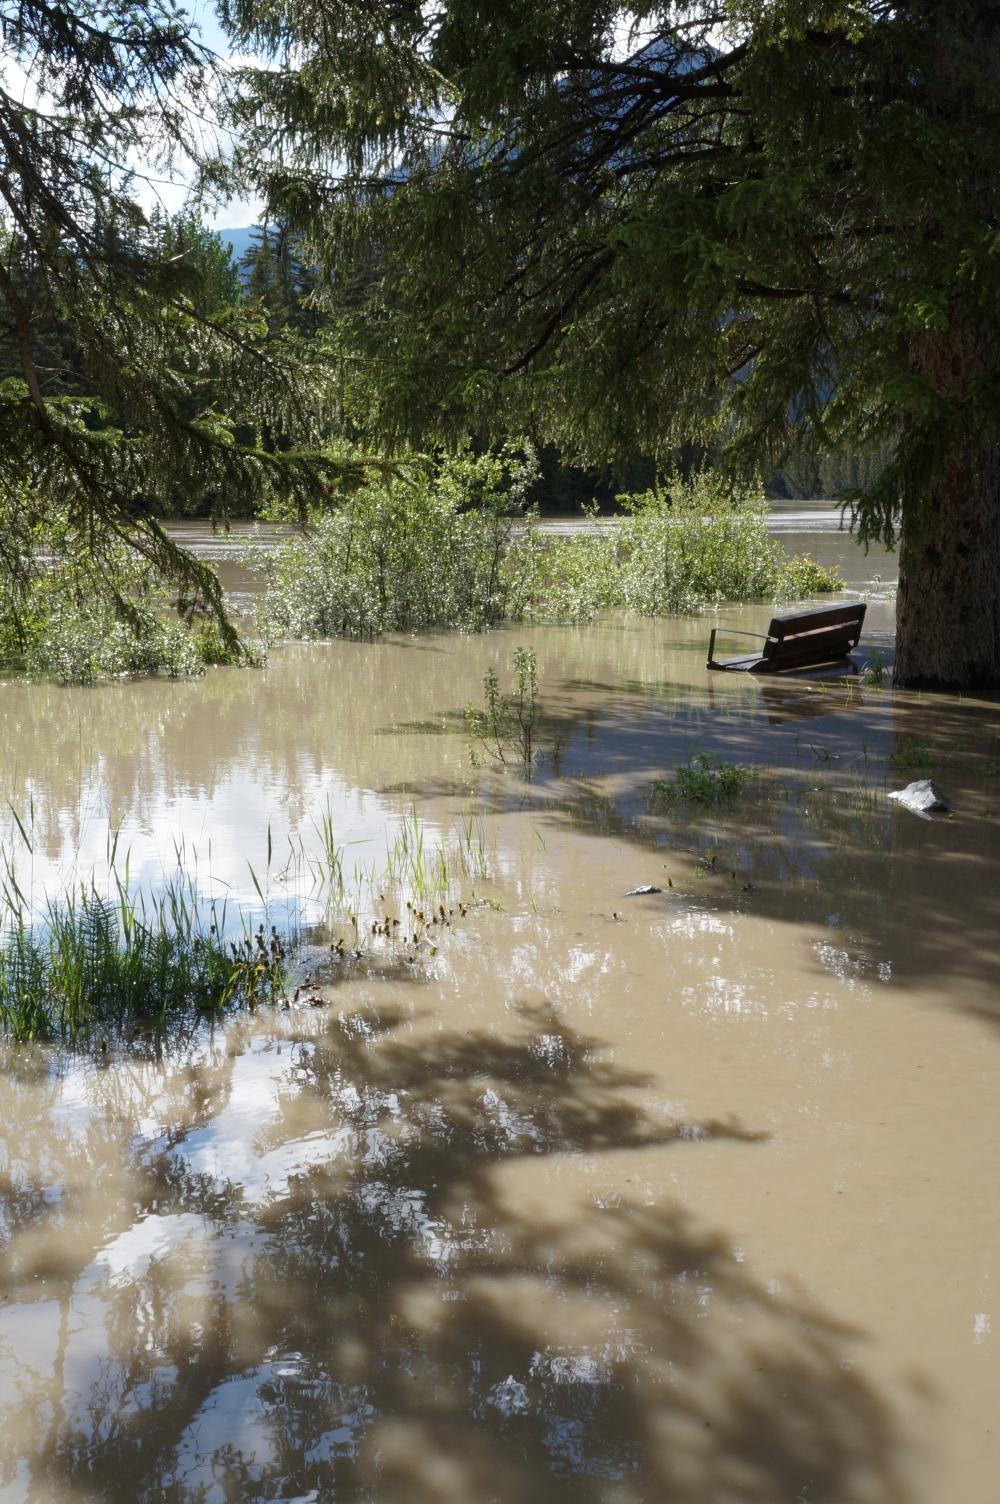 La rivière, normalement verte, devrait s'arrêter du côté gauche des arbustes